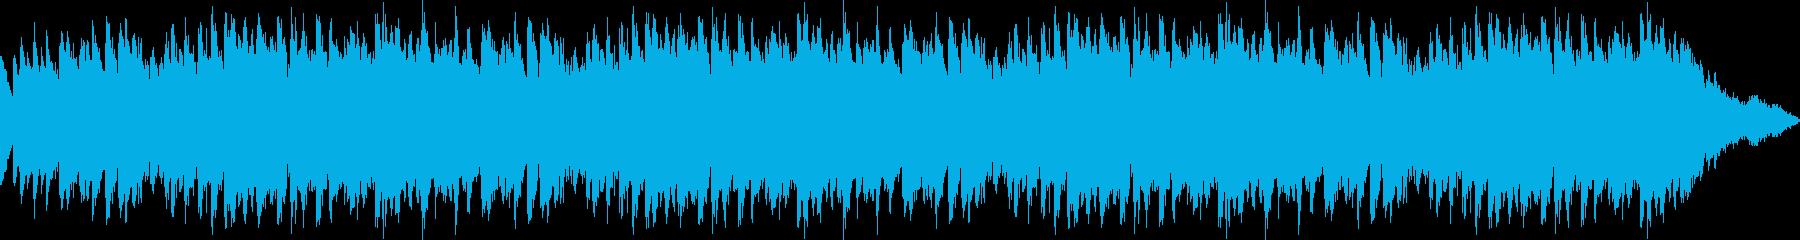 ファンタジックなシンセジングル_ロングの再生済みの波形